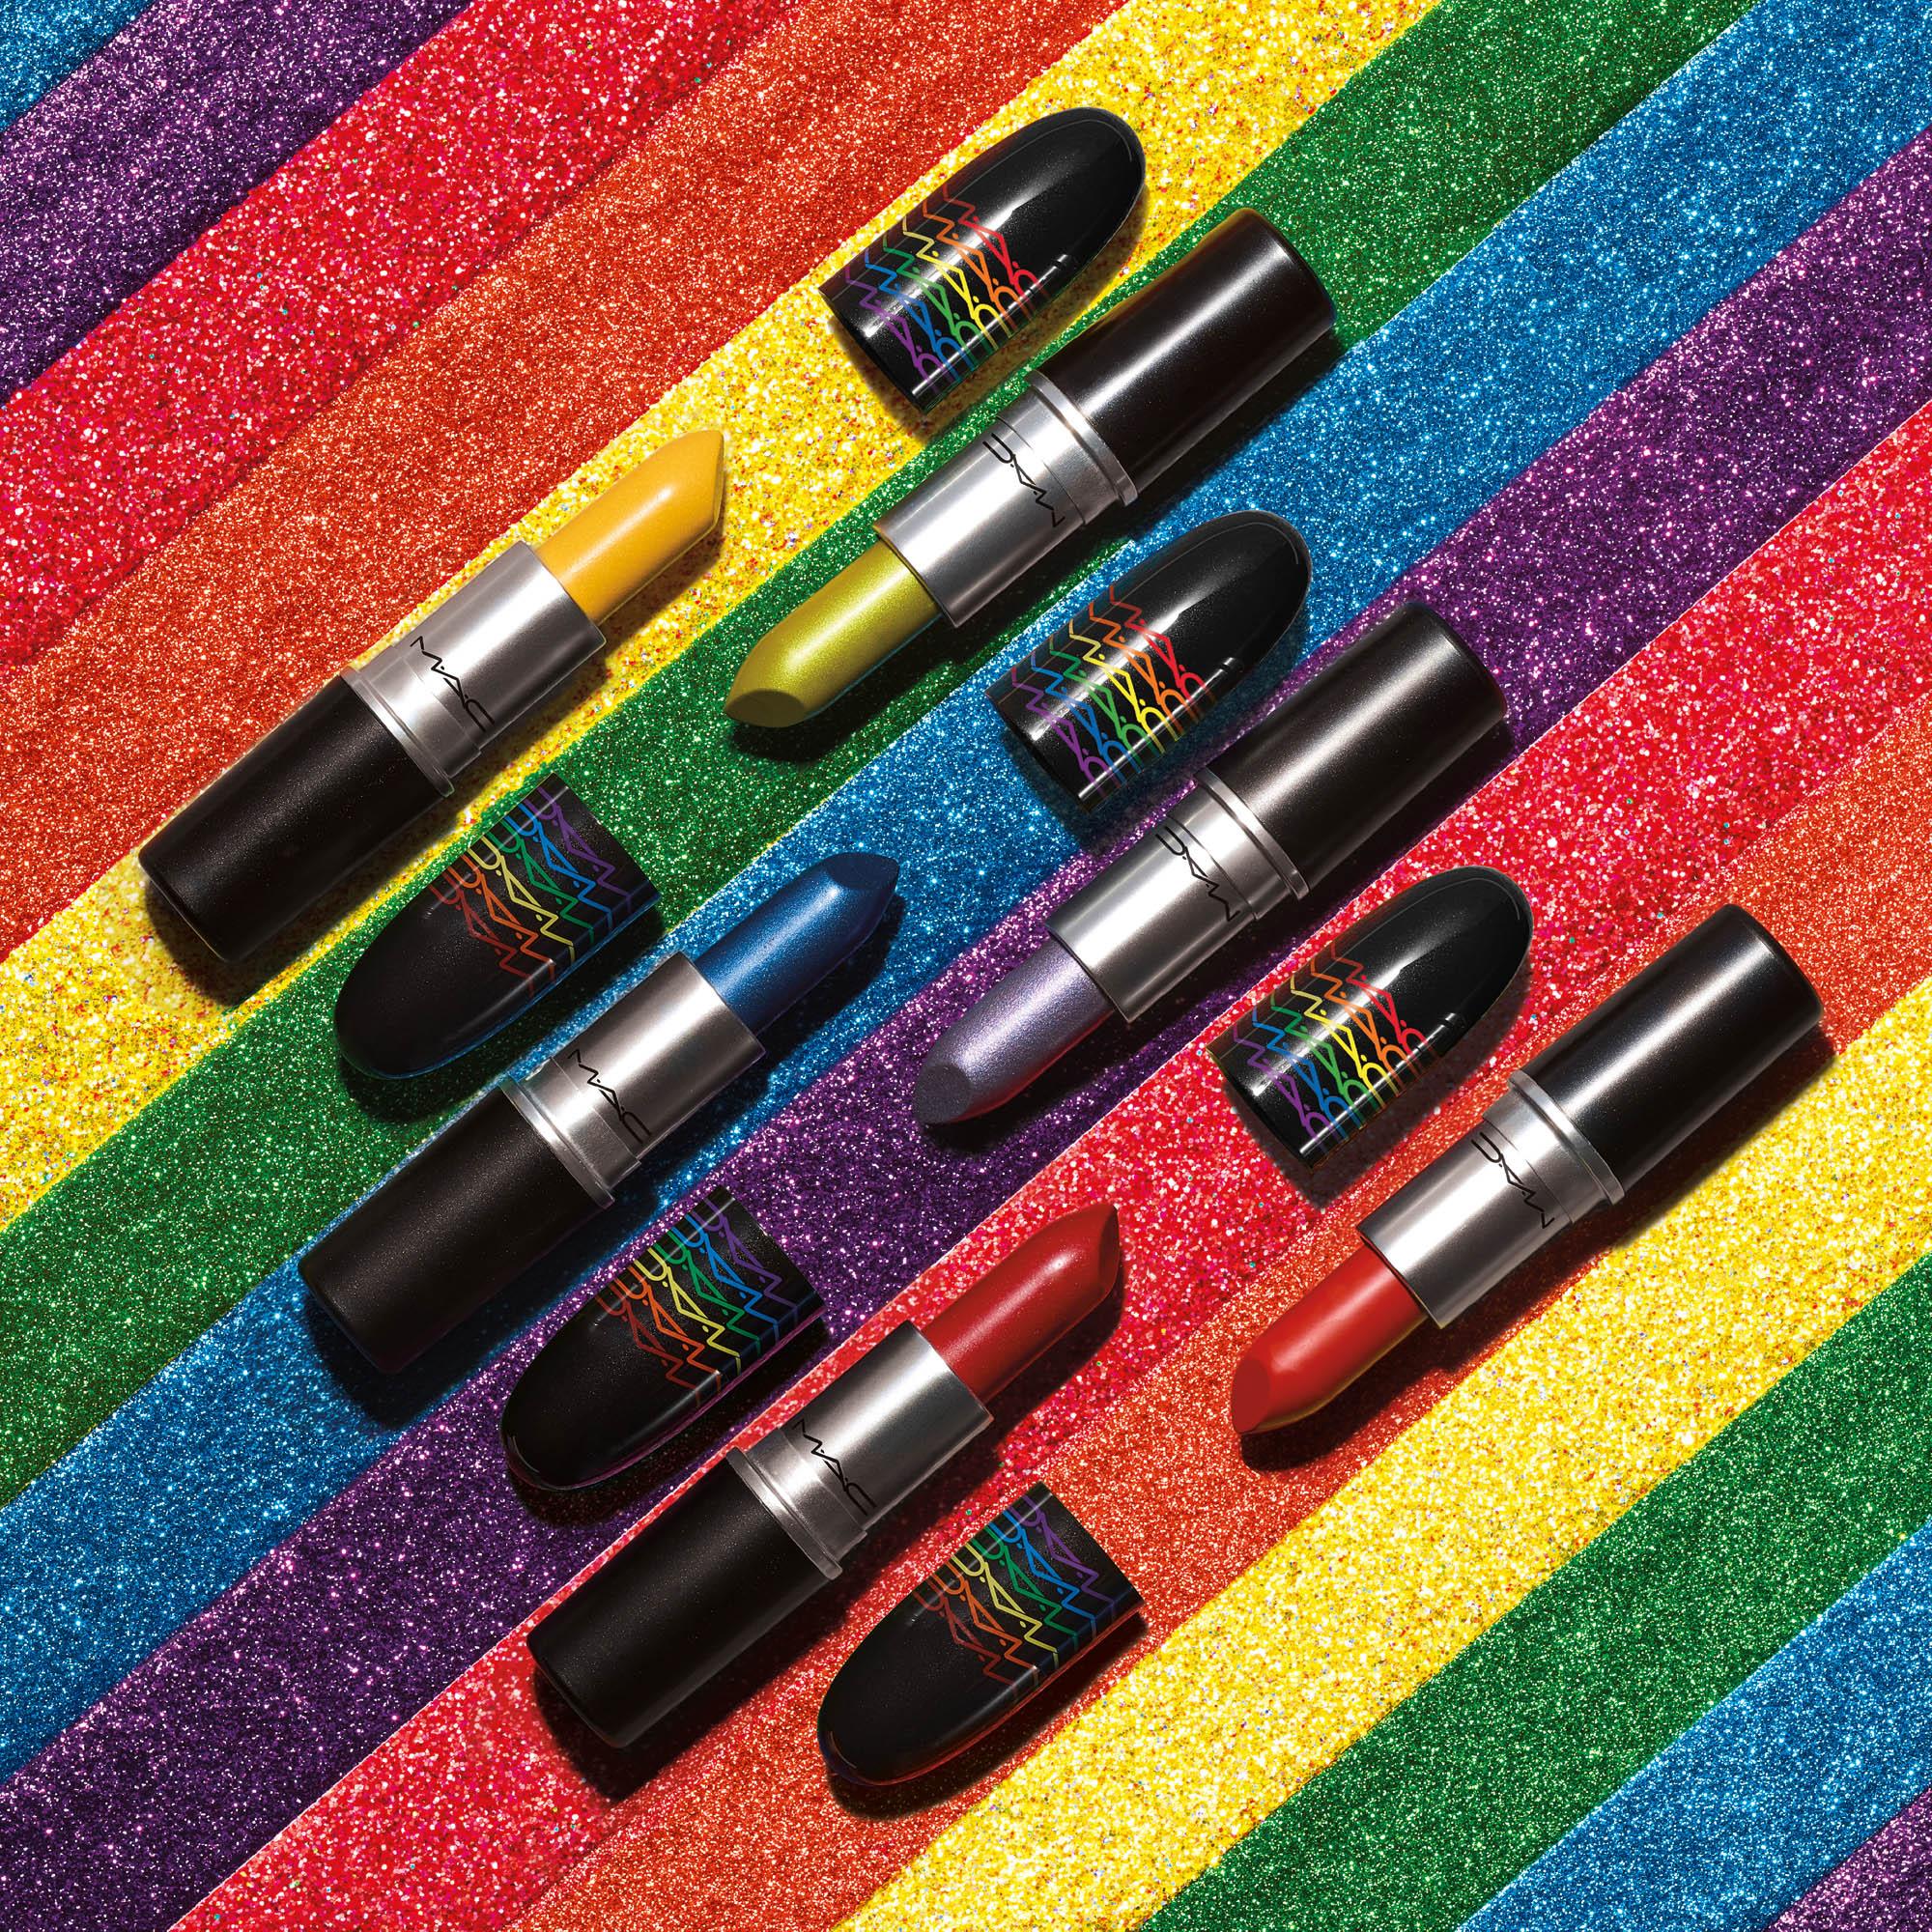 PrideGlitter-Lipsticks-Sq.jpg